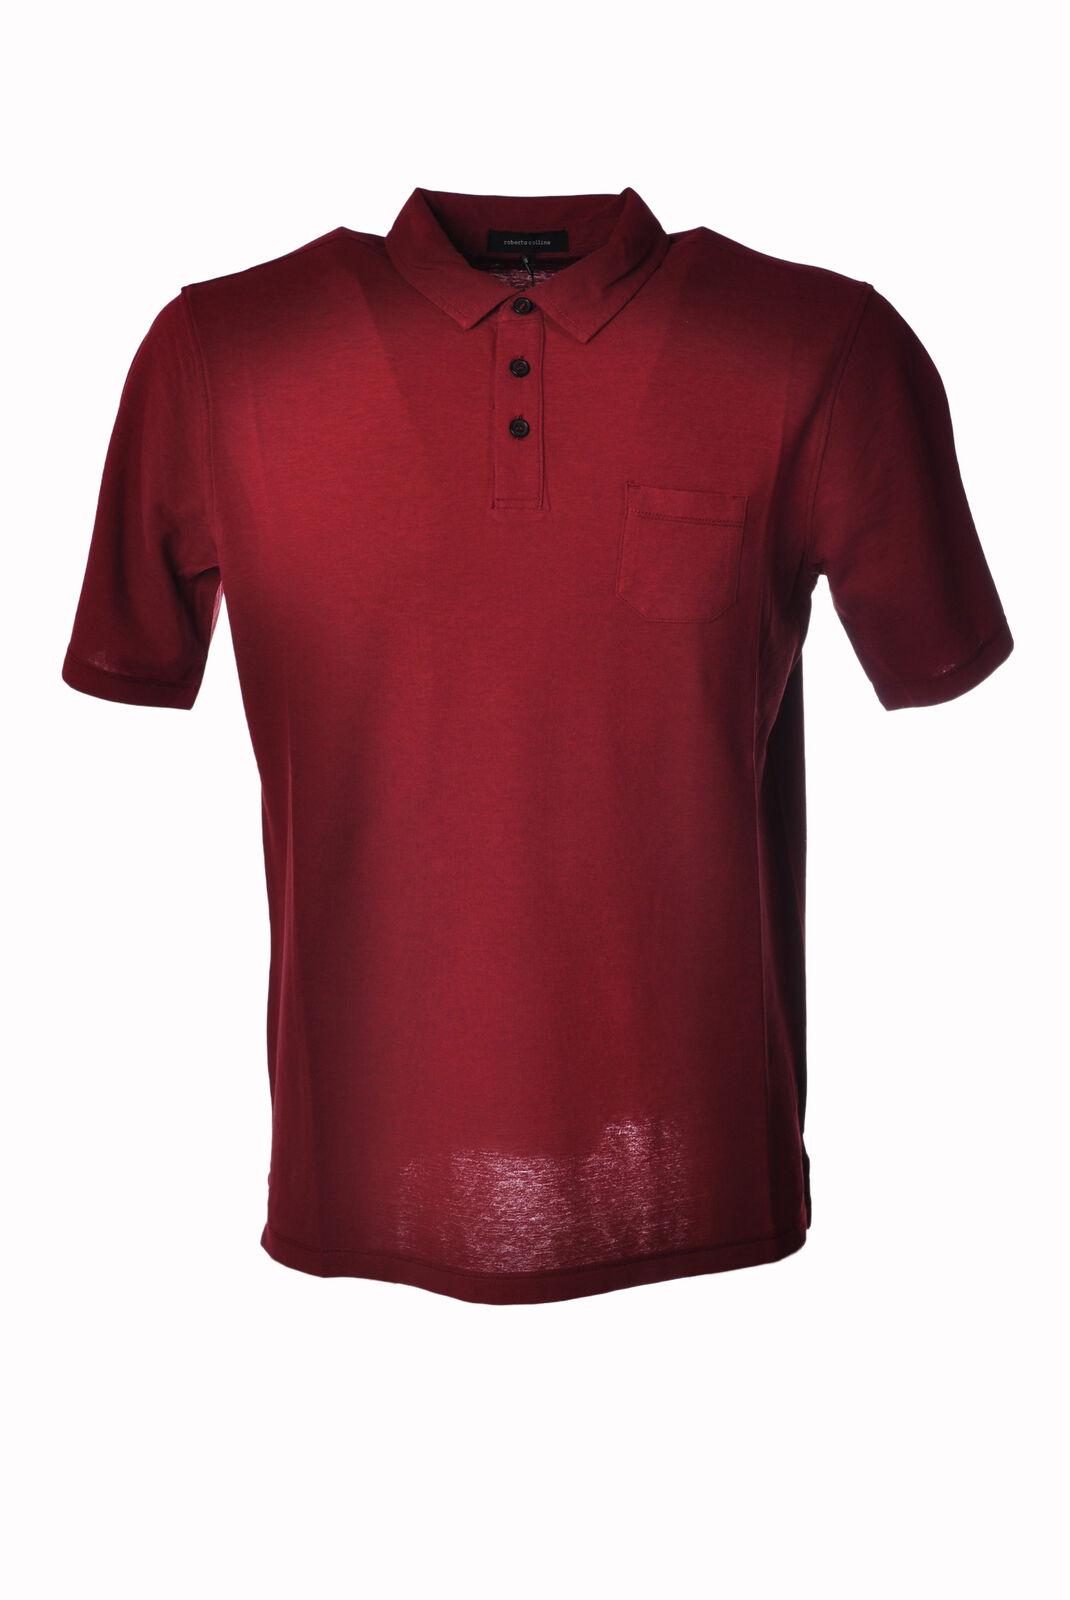 Roberto Collina  -  Polo - Männchen - red - 3214615A183838